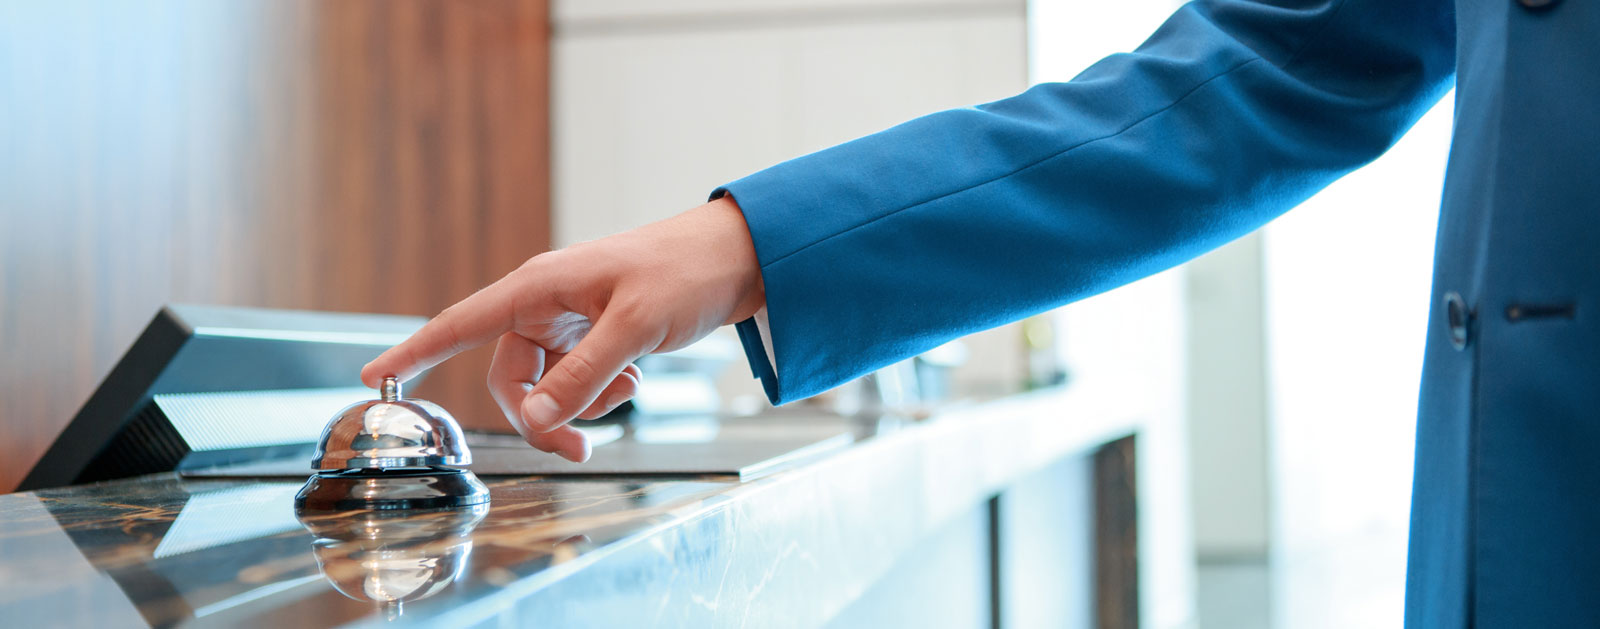 Giải pháp cải thiện cộng tác nhân viên dành cho ngành khách sạn